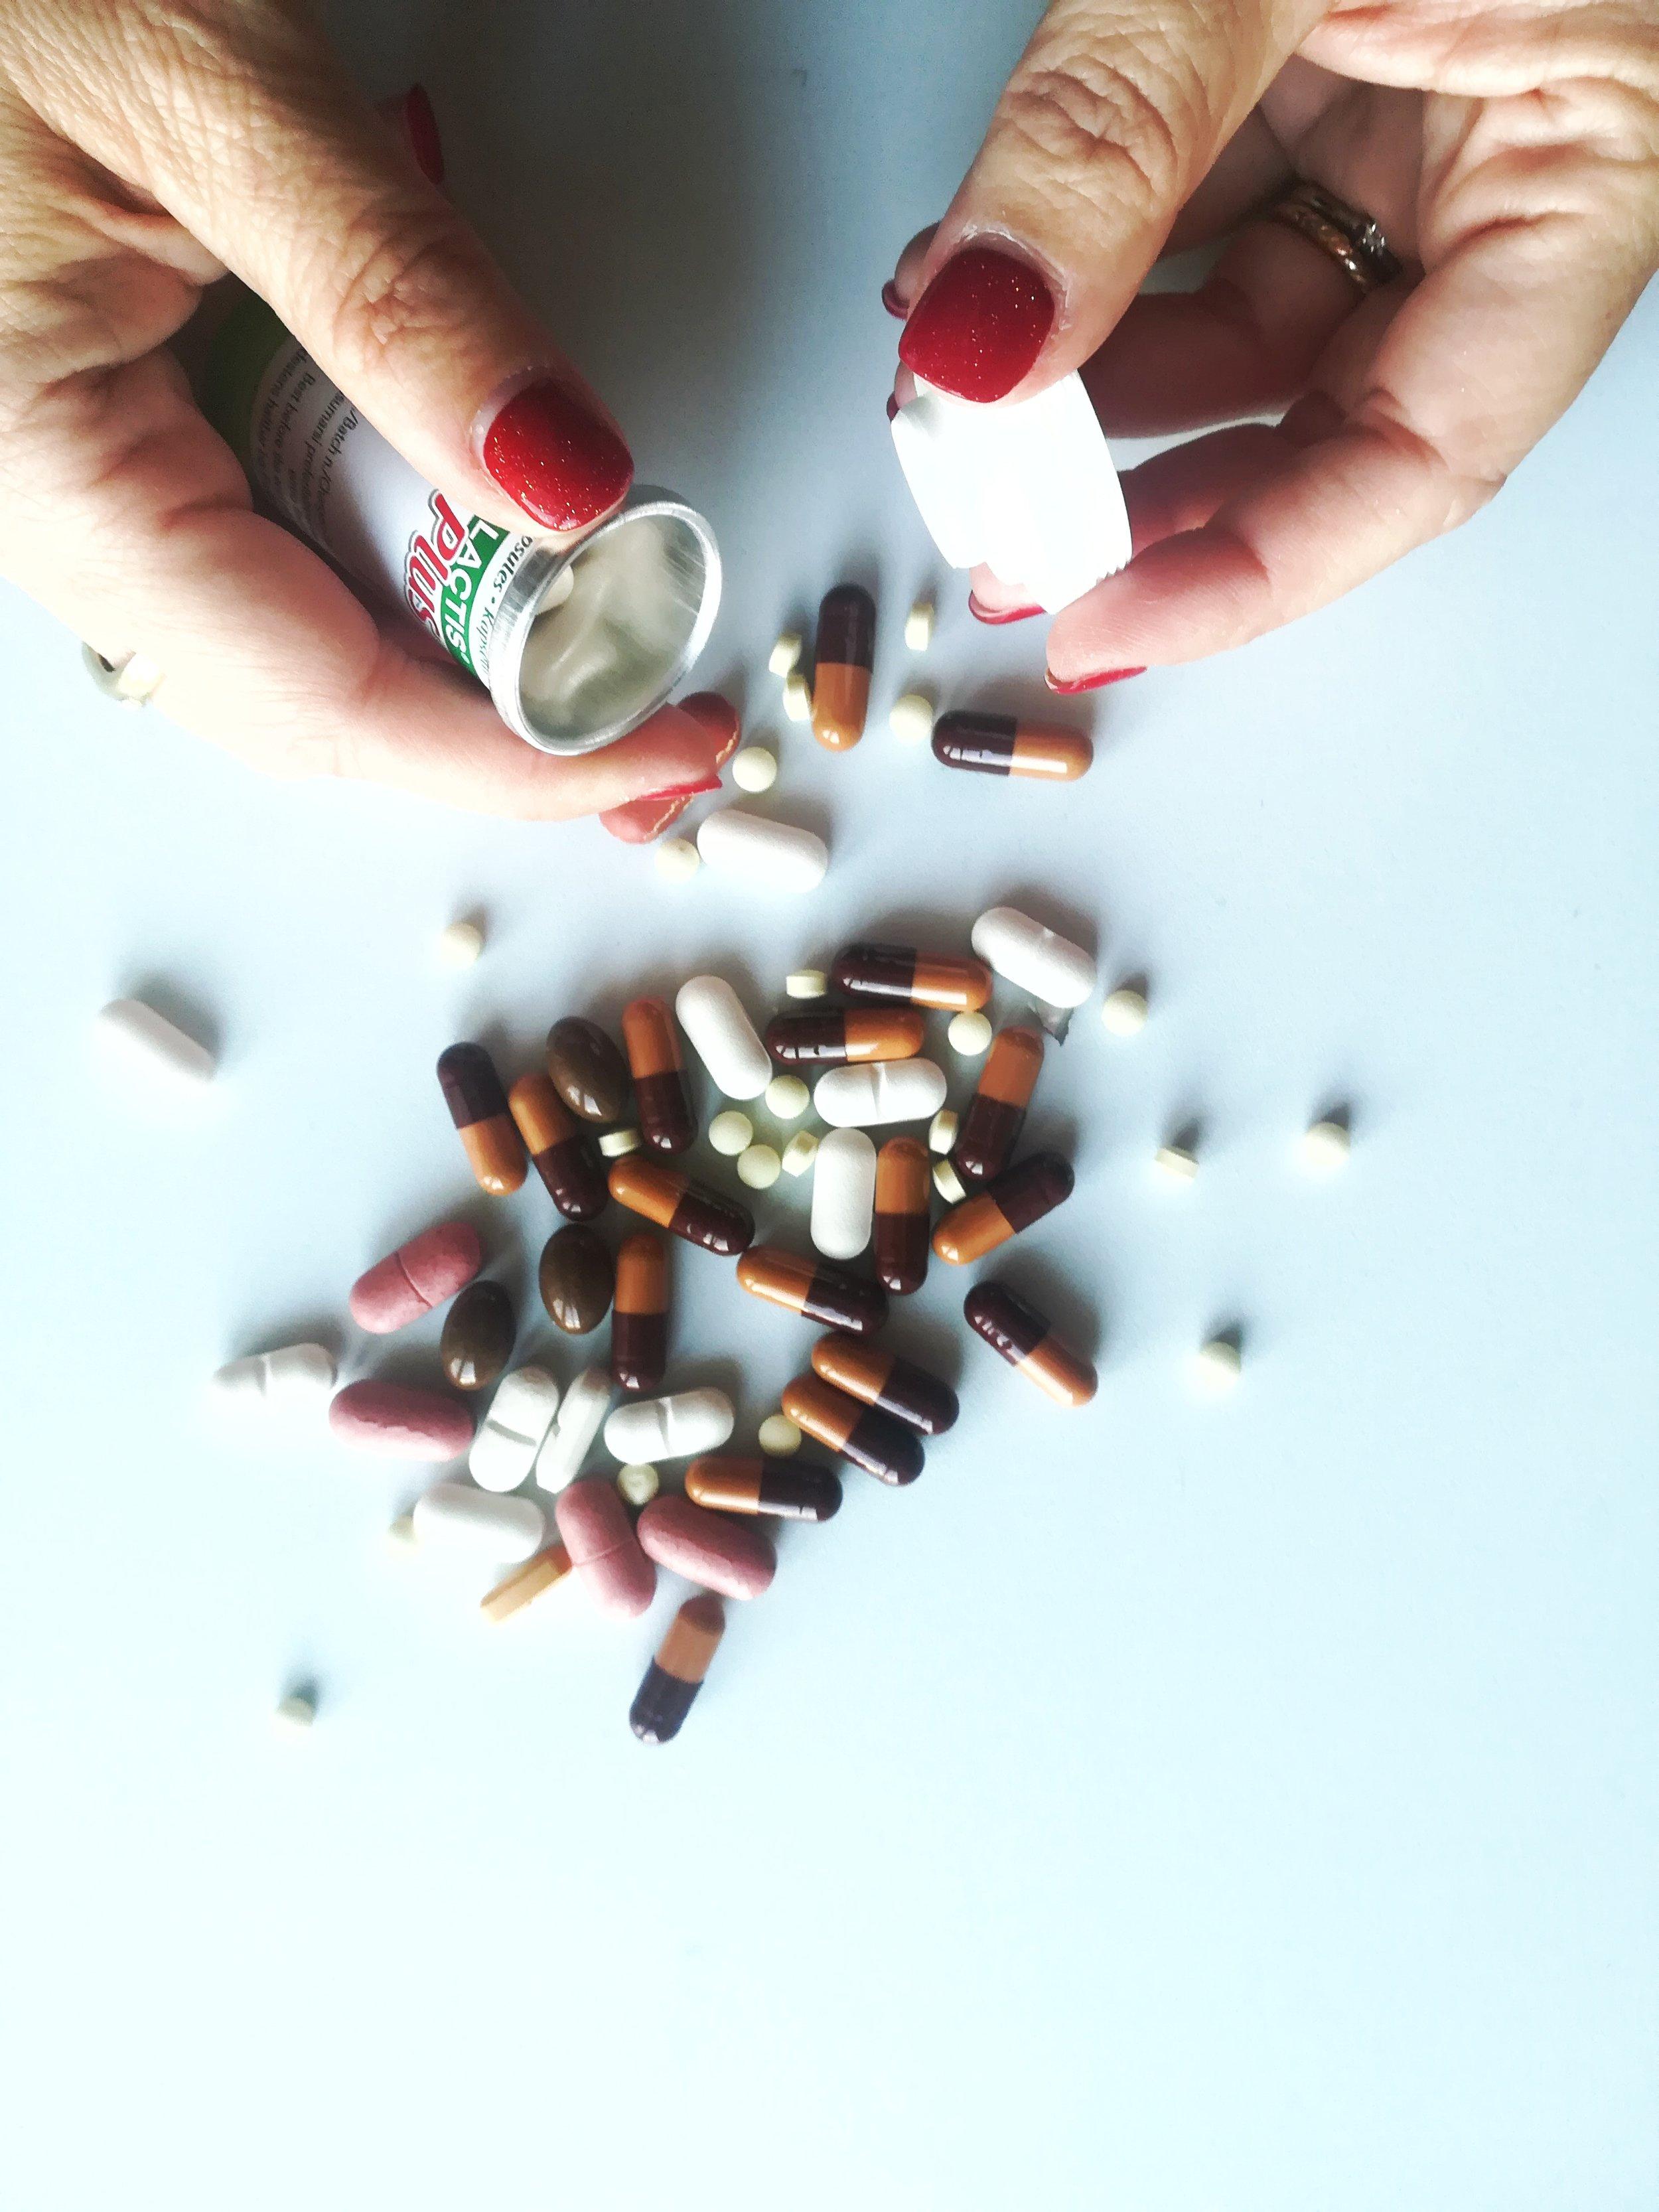 Pharmaceuticals  - ELITE |  Foto Dibi